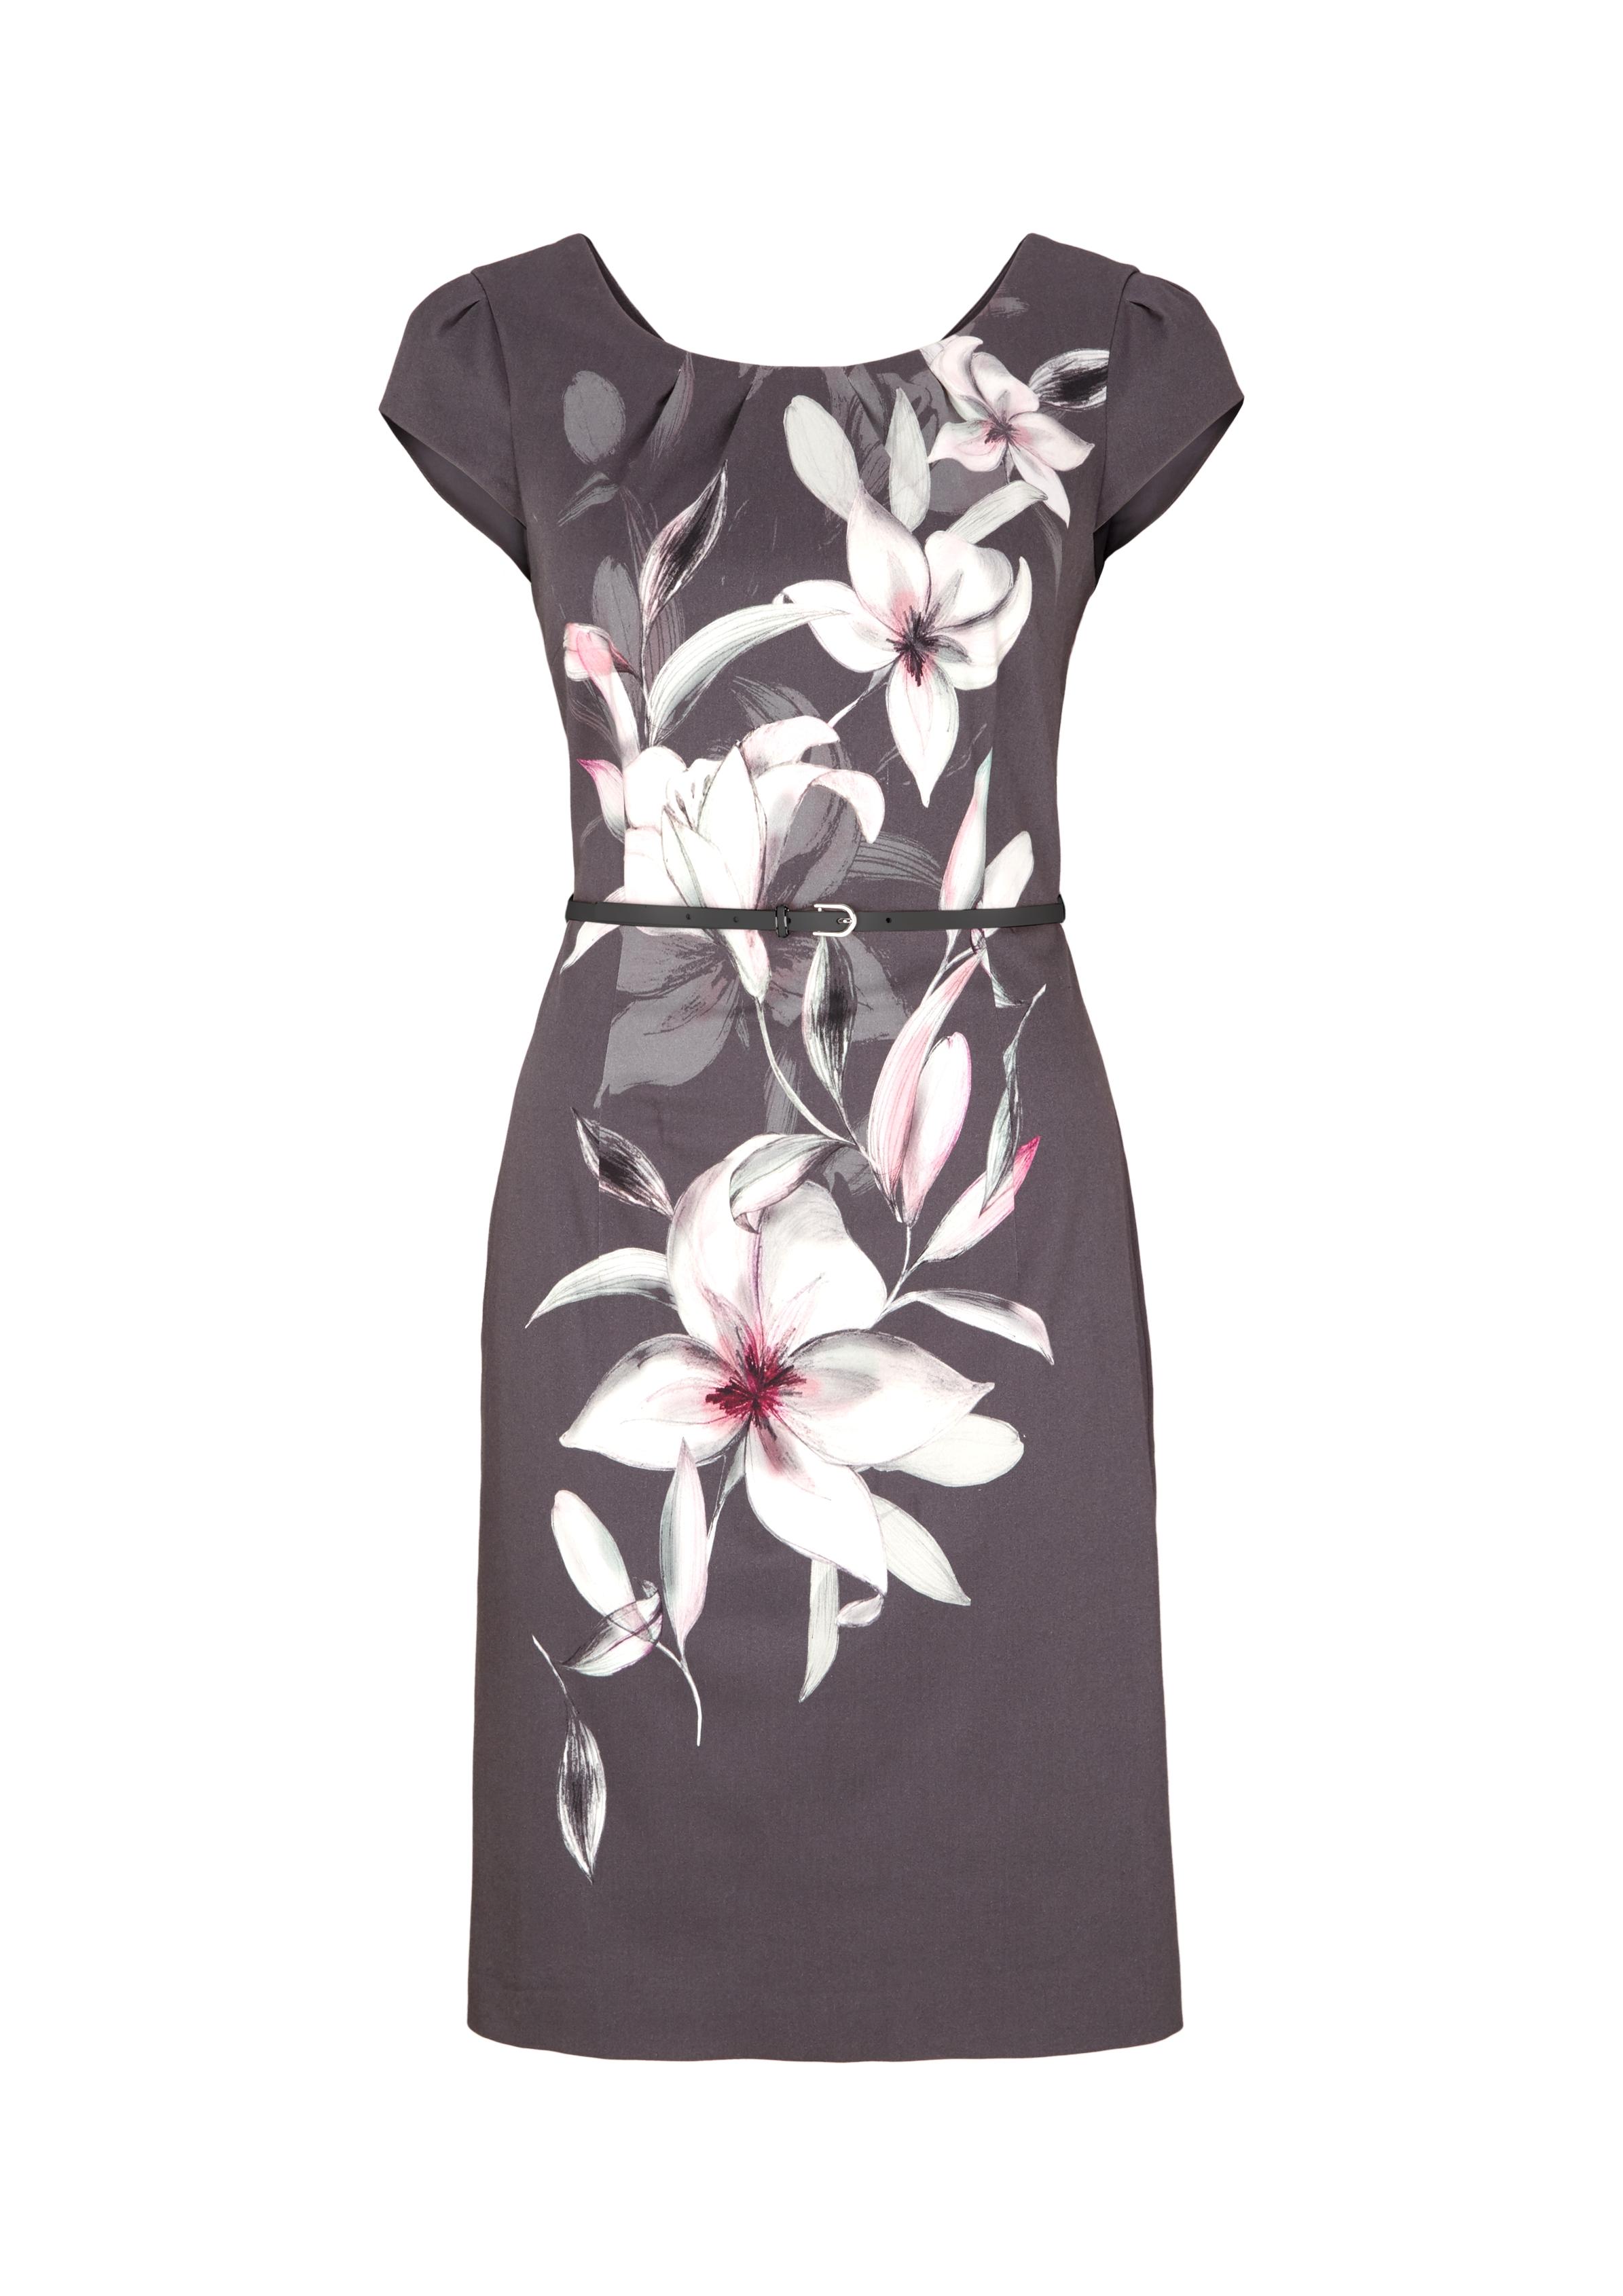 Abendkleid | Bekleidung > Kleider > Abendkleider | Grau/schwarz | 97% baumwolle -  3% elasthan| futter: 100% polyester | comma